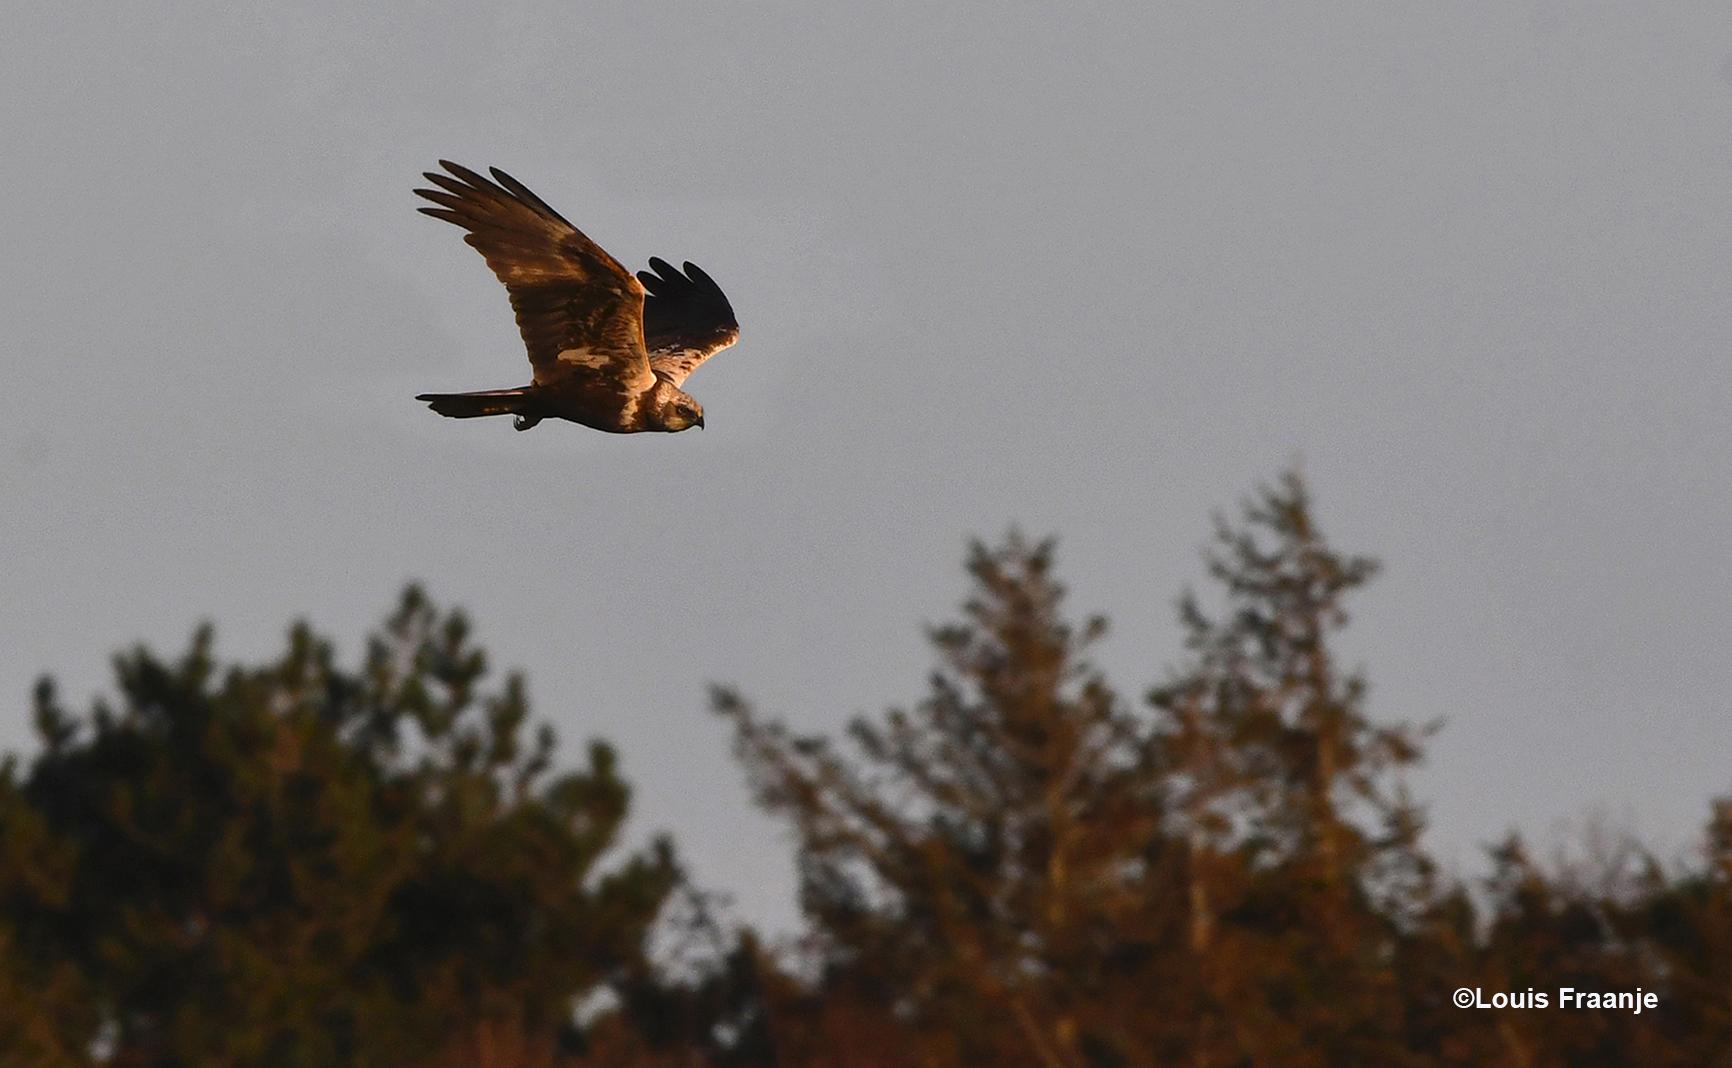 Een prachtig gezicht zo'n jagende bruine kiekendief boven de bosrand - - Foto: ©Louis Fraanje